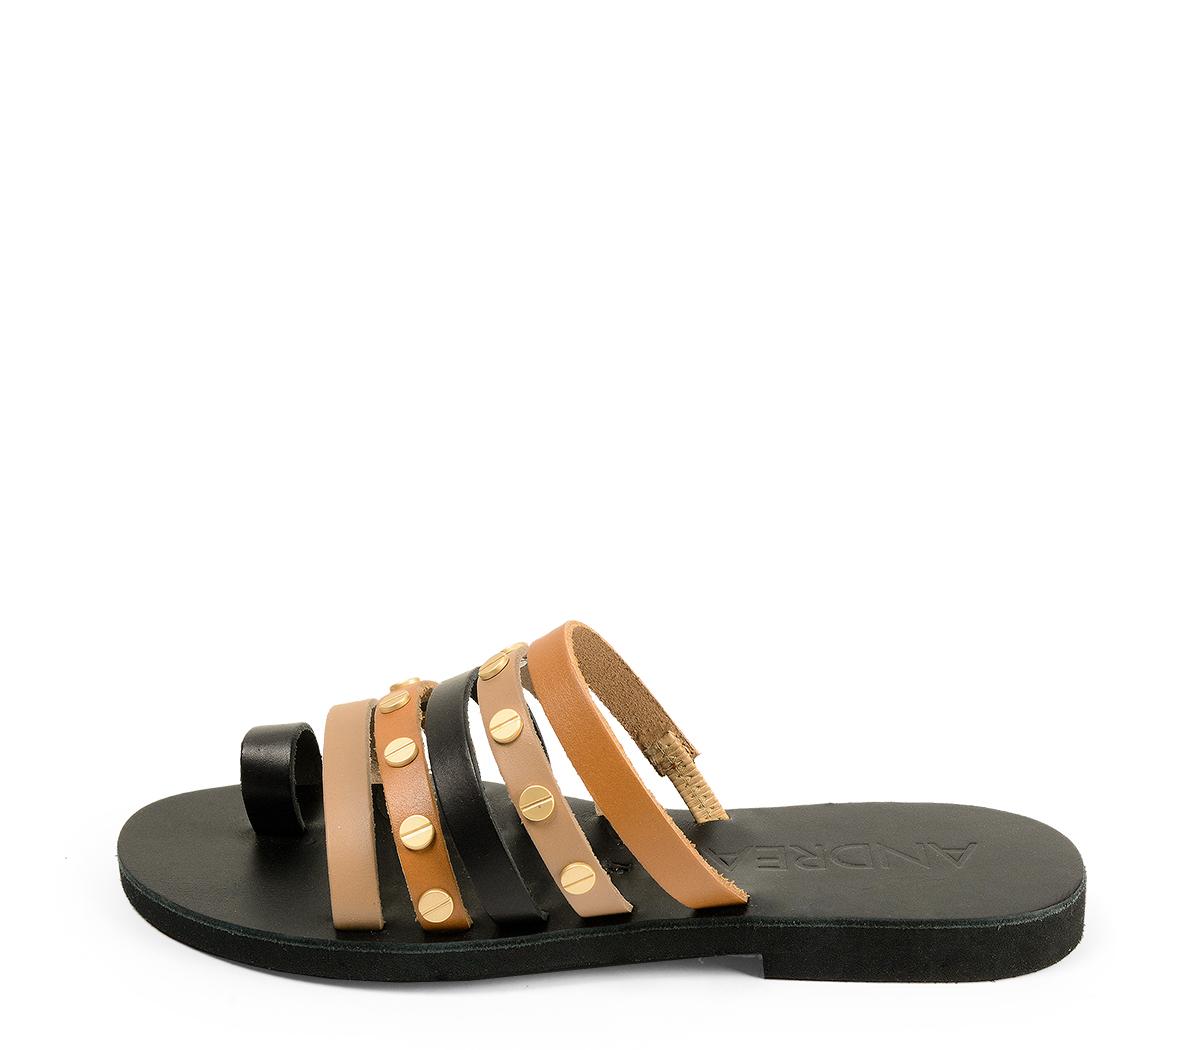 Ref. 4462 Sandalia piel negra combinadas en cuero y taupe. Detalle tornillos dorados. Plantilla de piel.